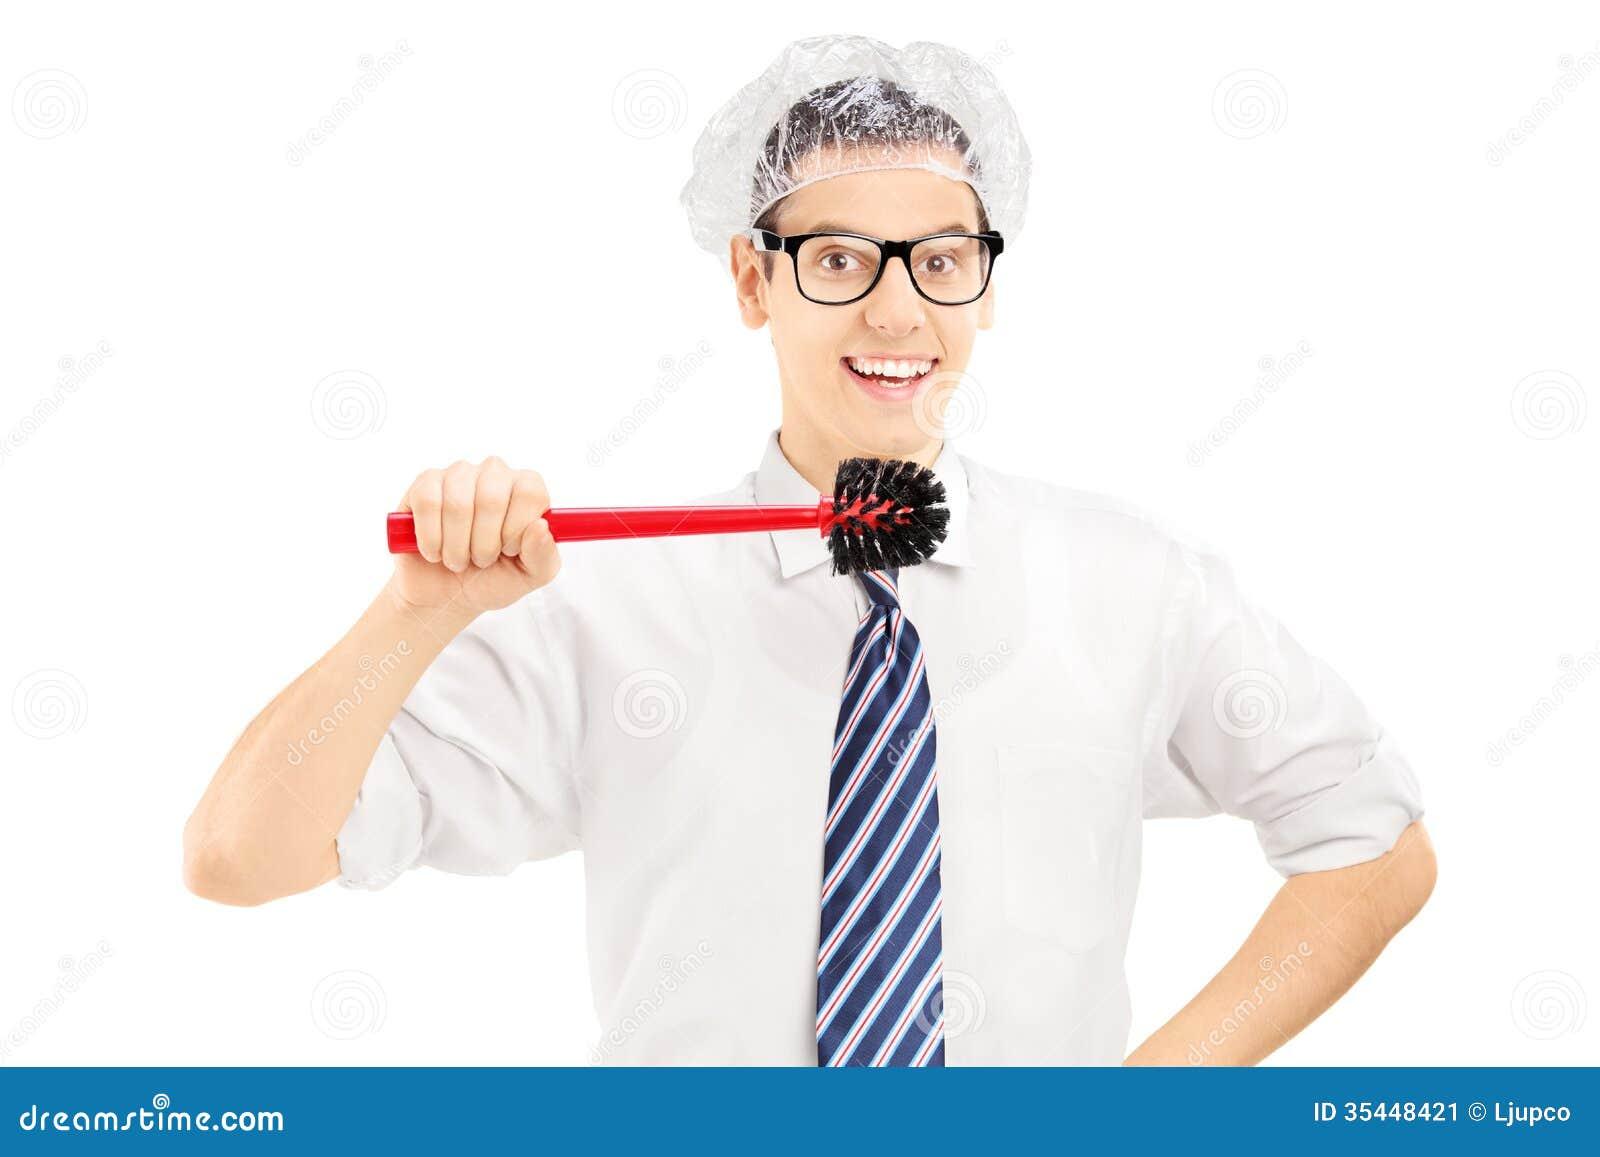 Jeune homme dr le tenant une brosse de toilette environ pour nettoyer ses den - Nettoyer le fond des toilettes ...